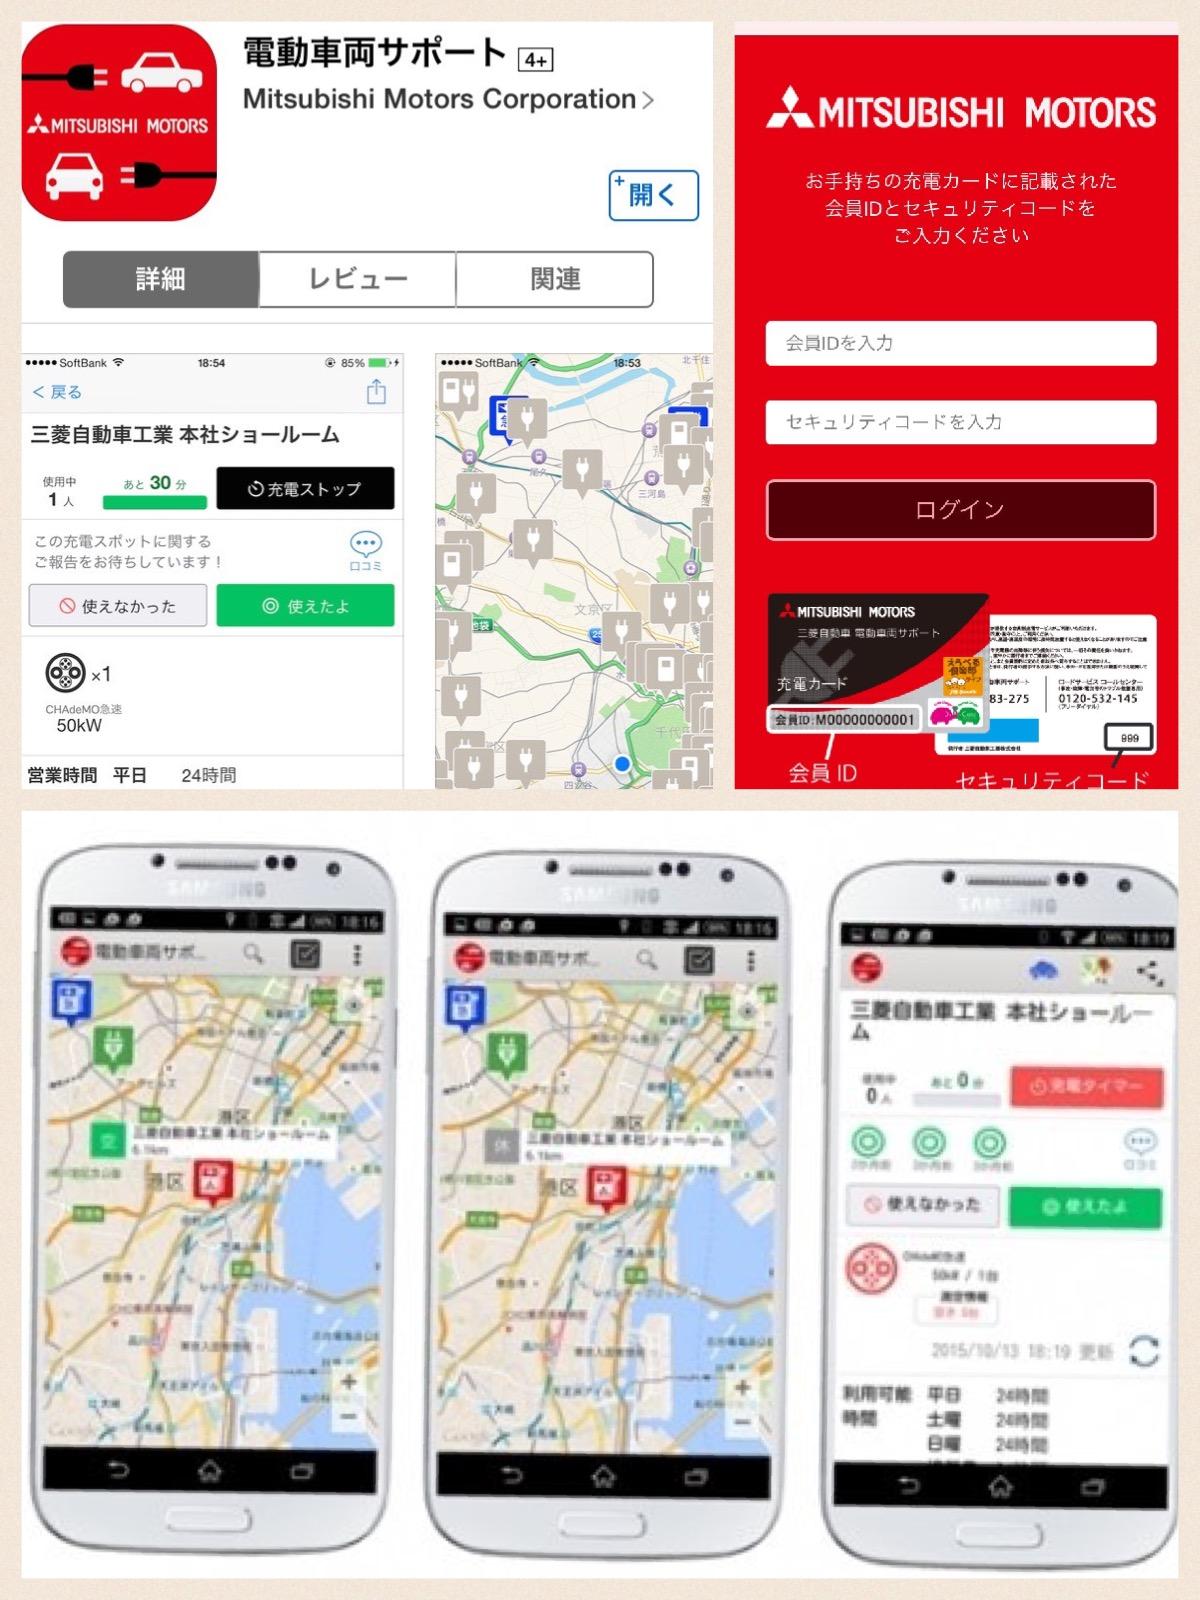 三菱電動車両サポート アプリ